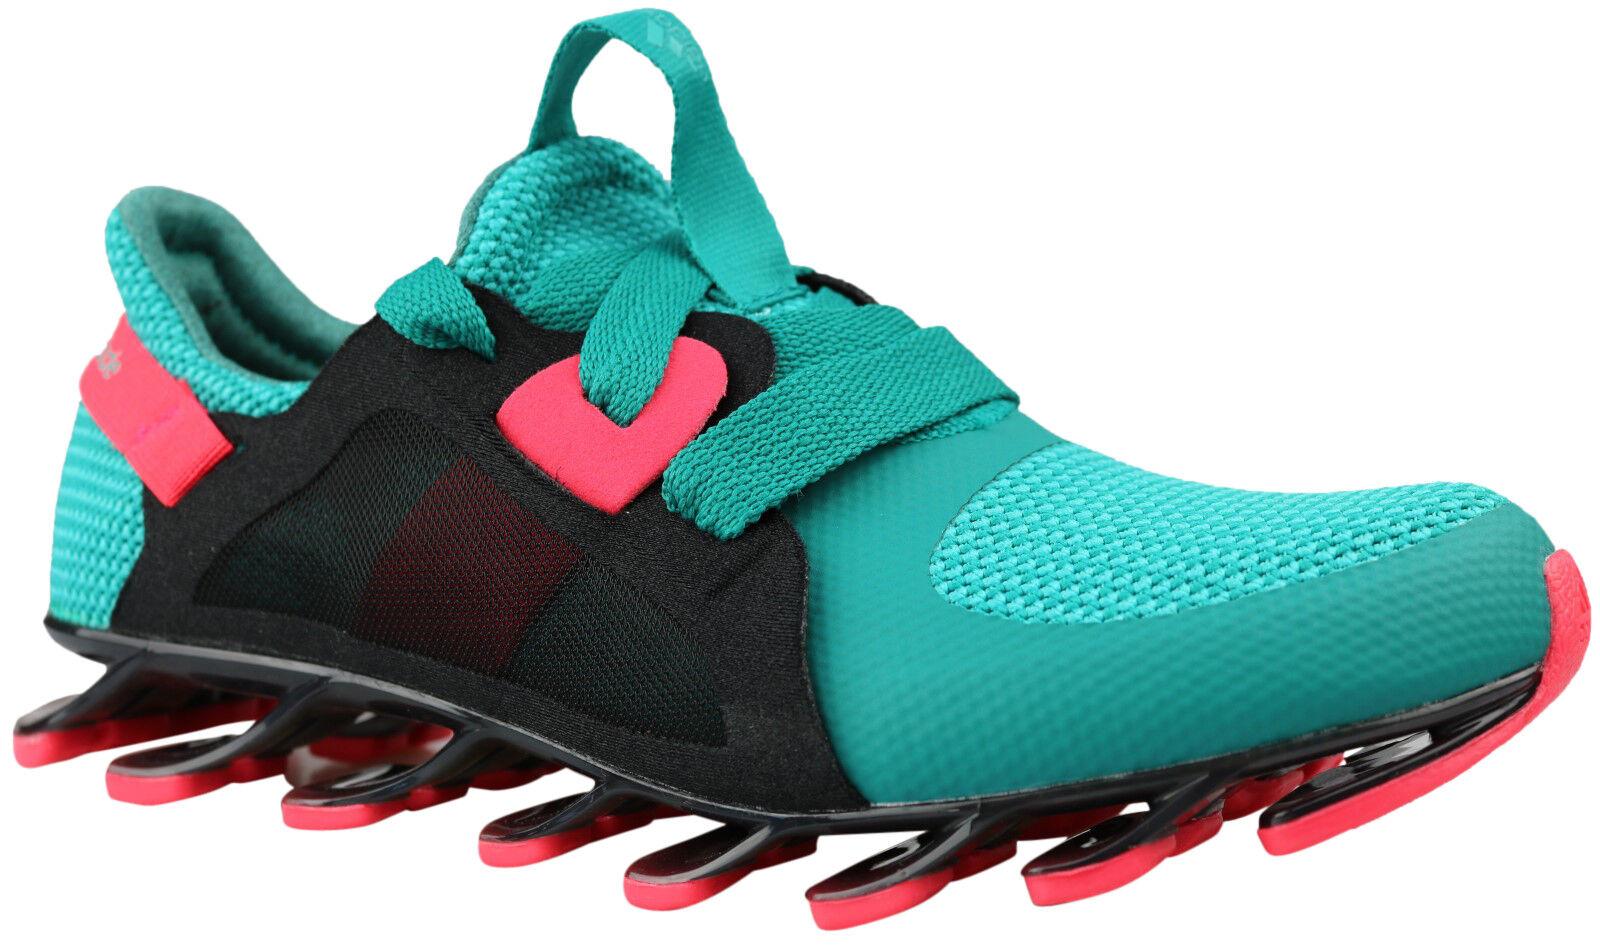 Adidas Springblade Nanaya Turnschuhe Laufschuhe Damen Gr. Gr. Gr. 36 - 41 AF5283 NEU & OVP 3f581e